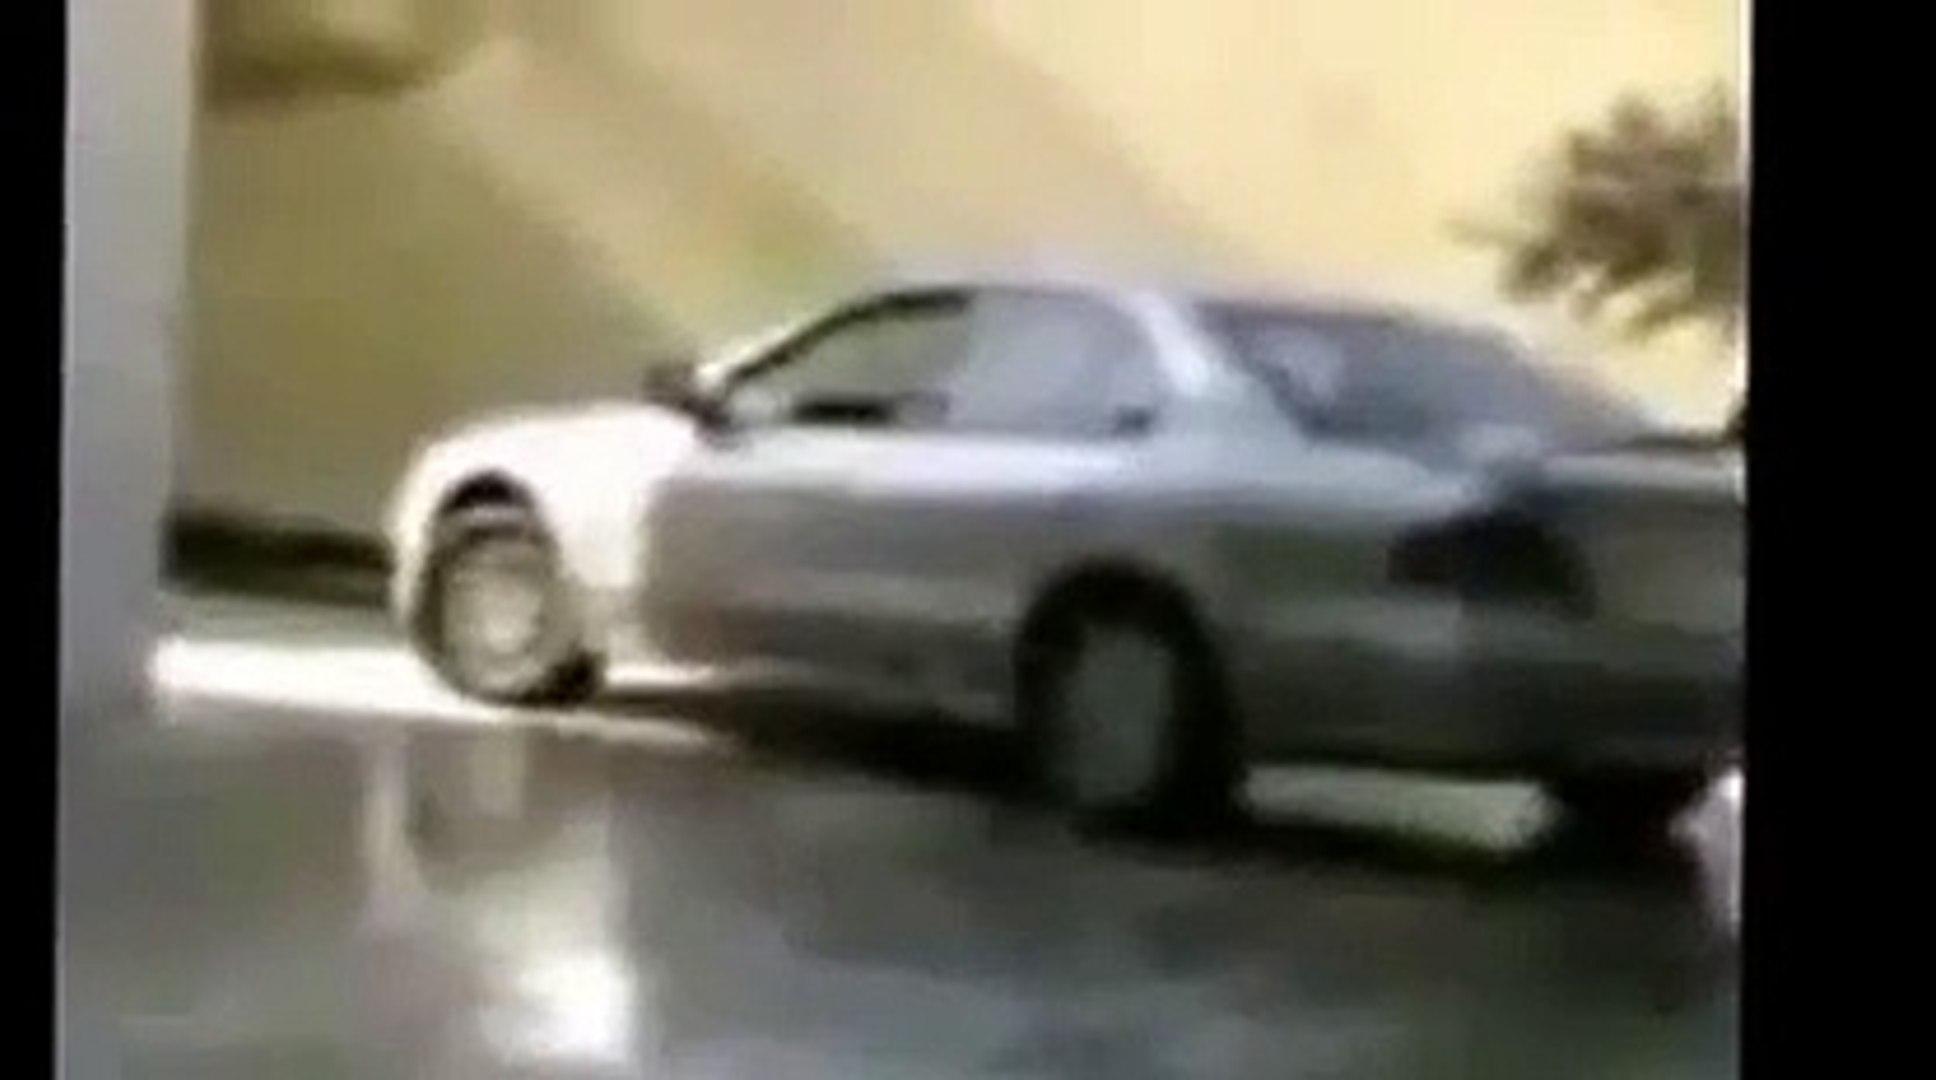 مقاطع فيديو مضحكة للسعوديين 2014 Funny Saudi Videos 2014